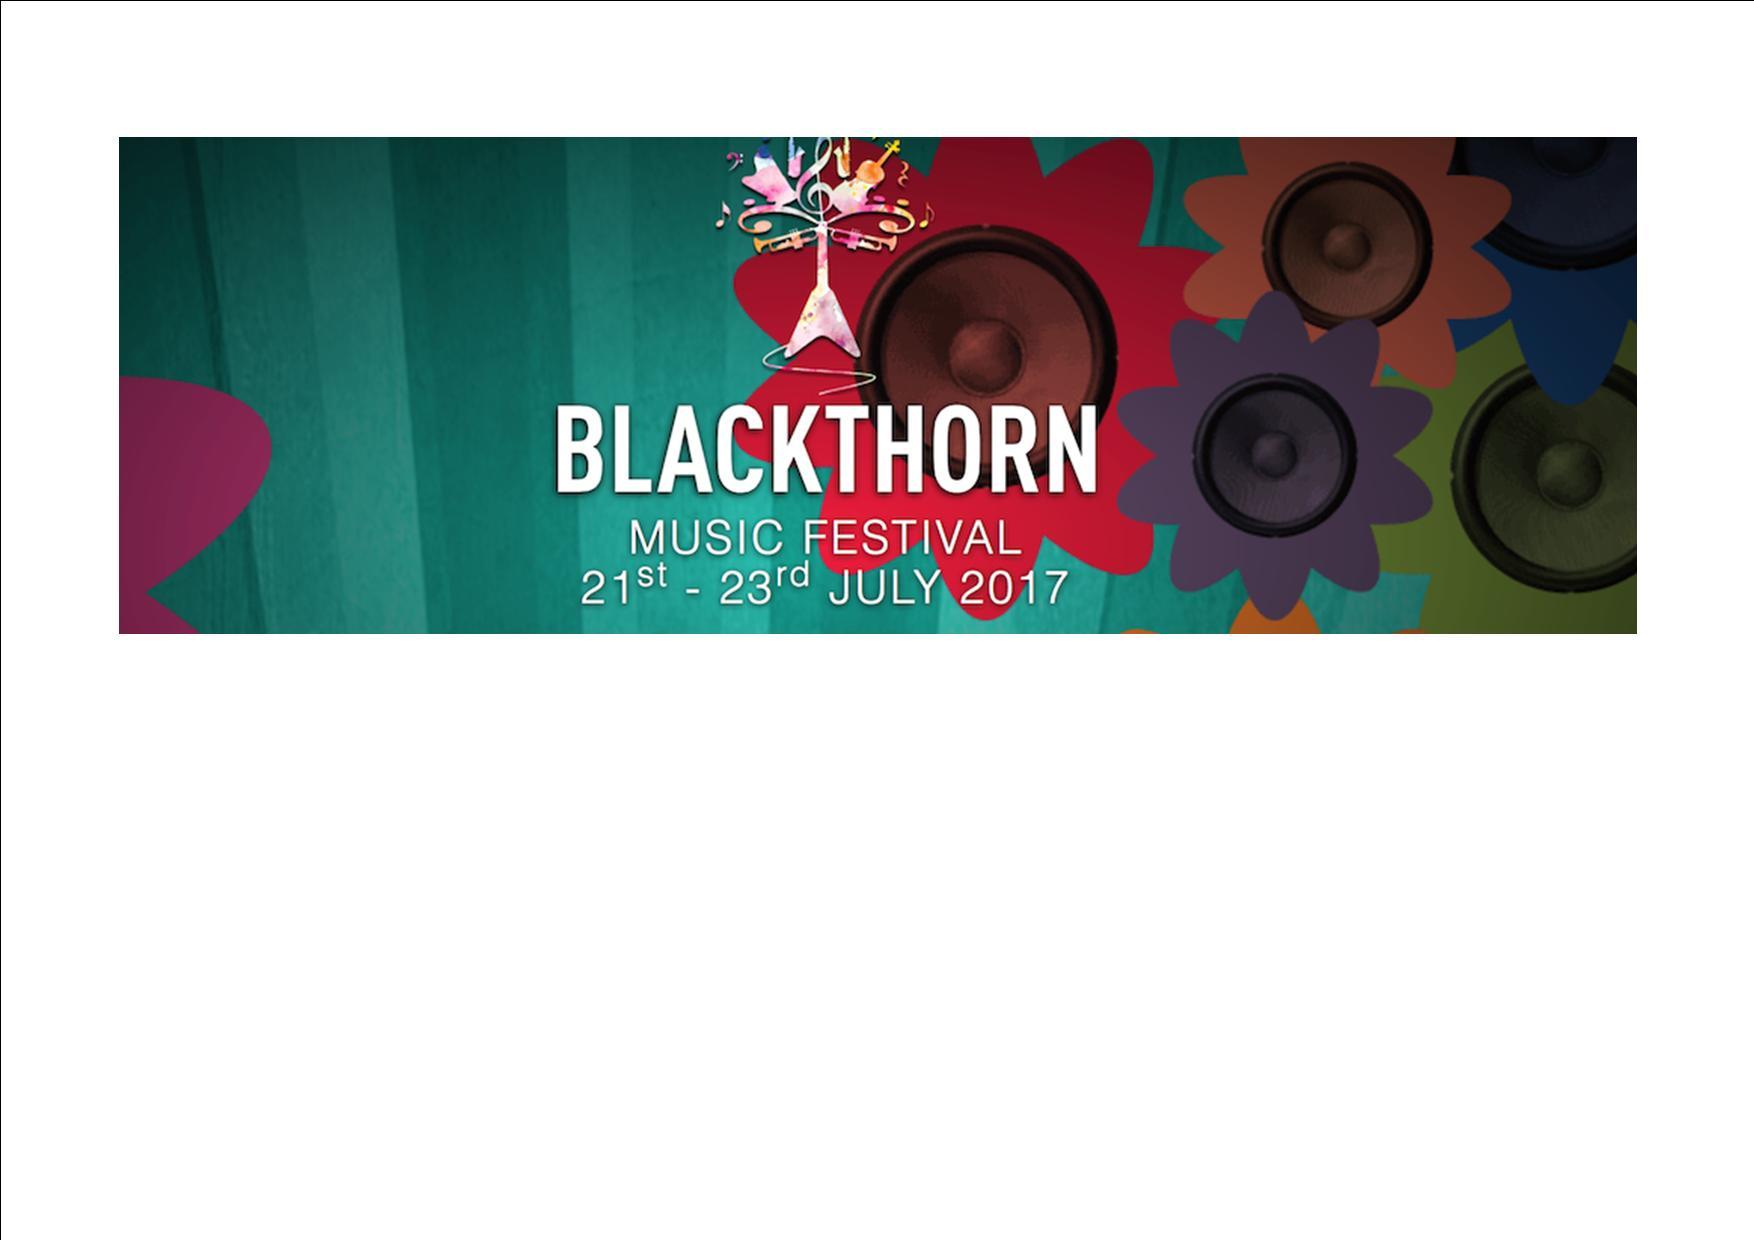 blacthorn 2017 v1.jpg